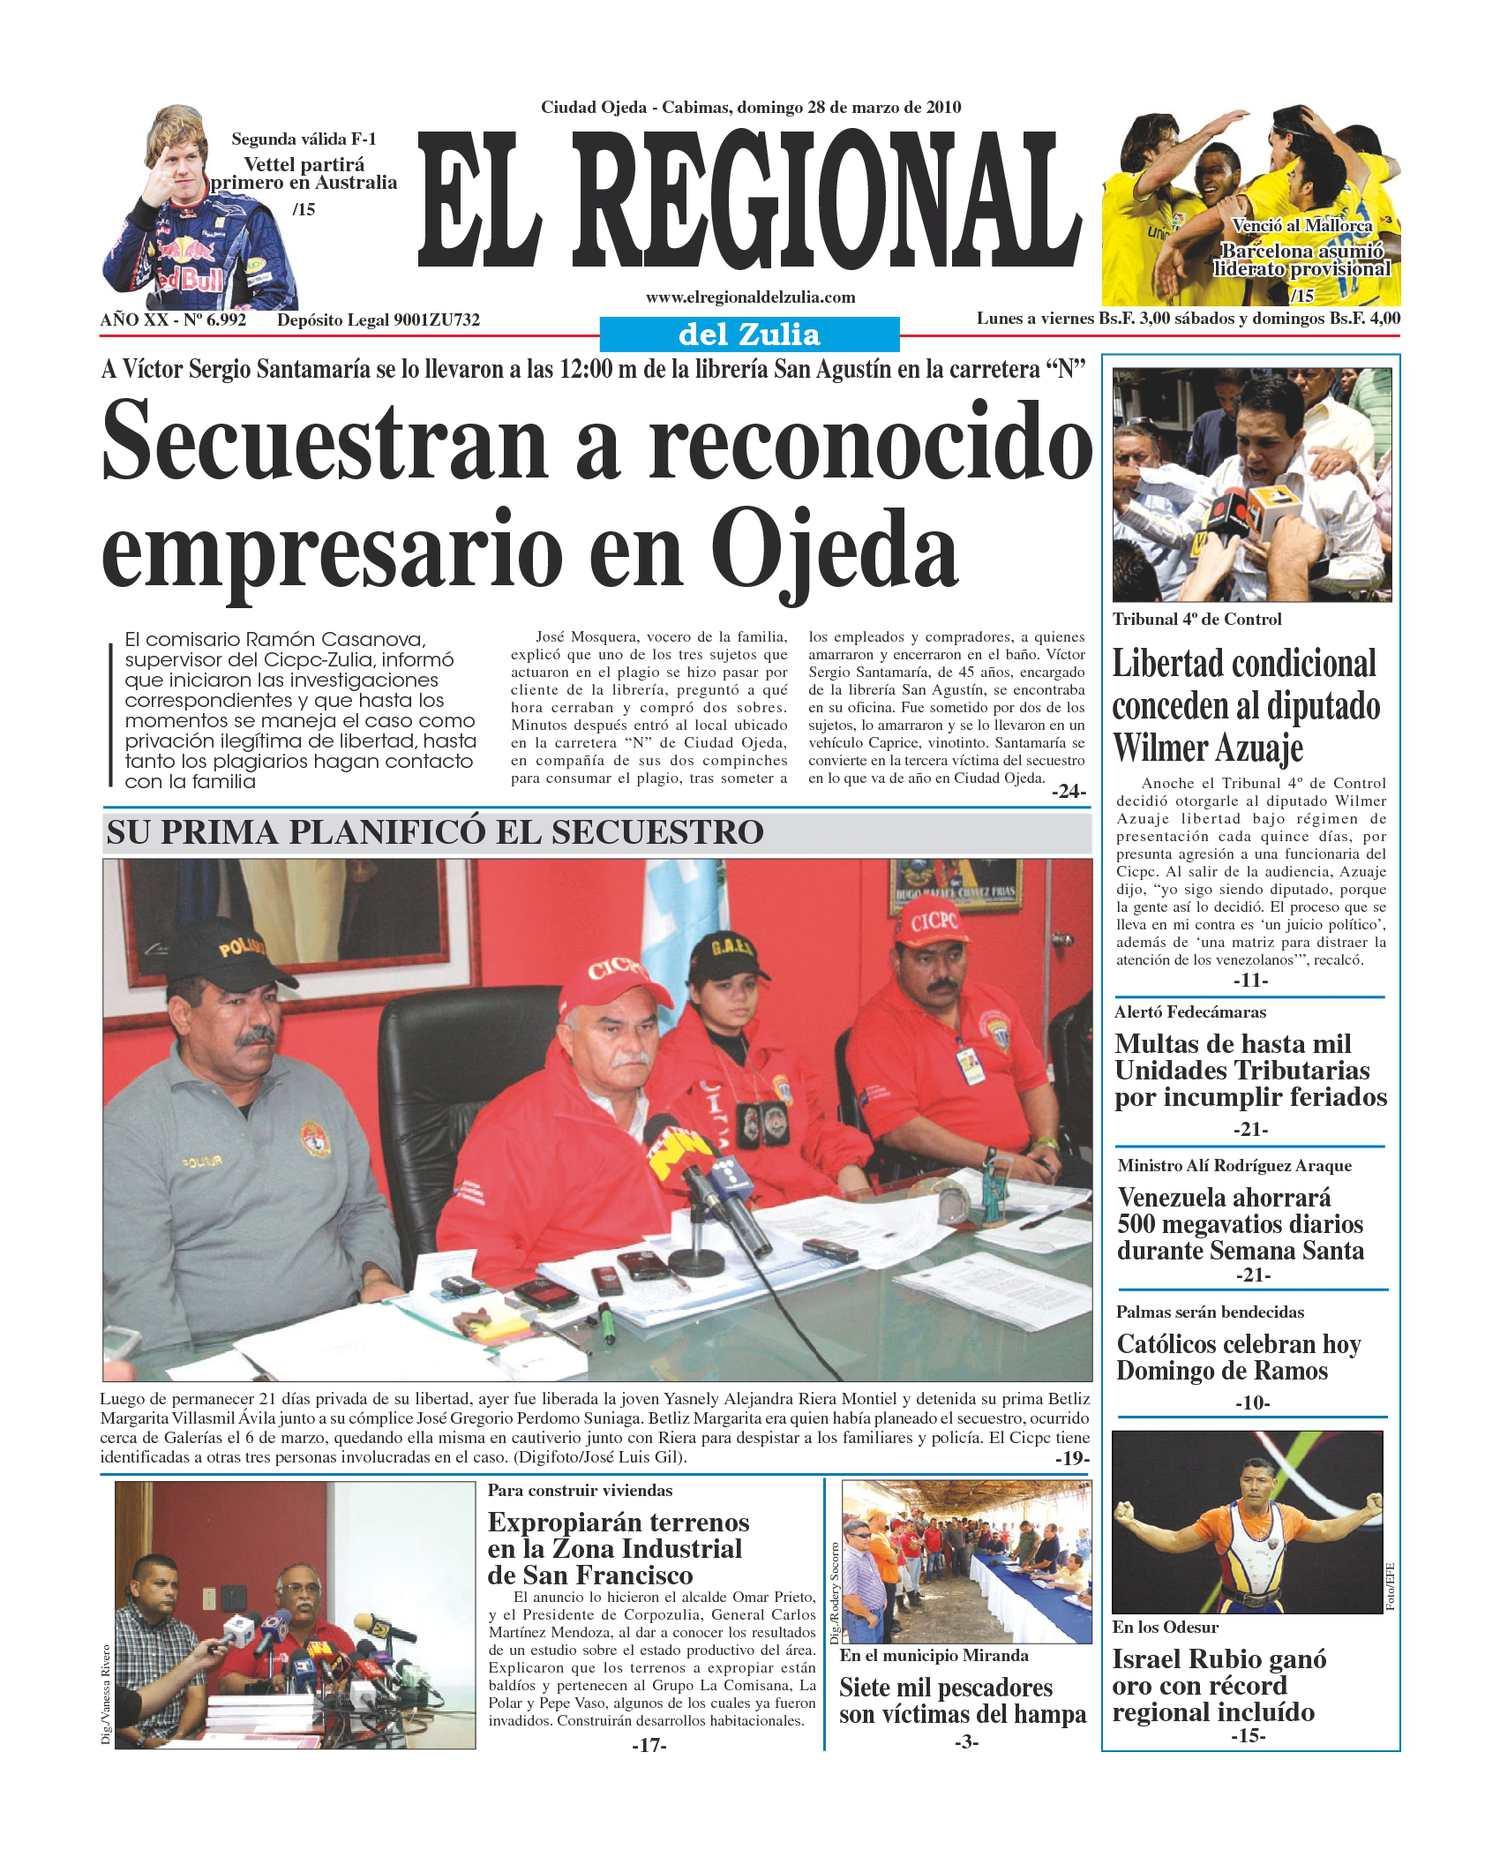 El Regional del Zulia 28-03-2010